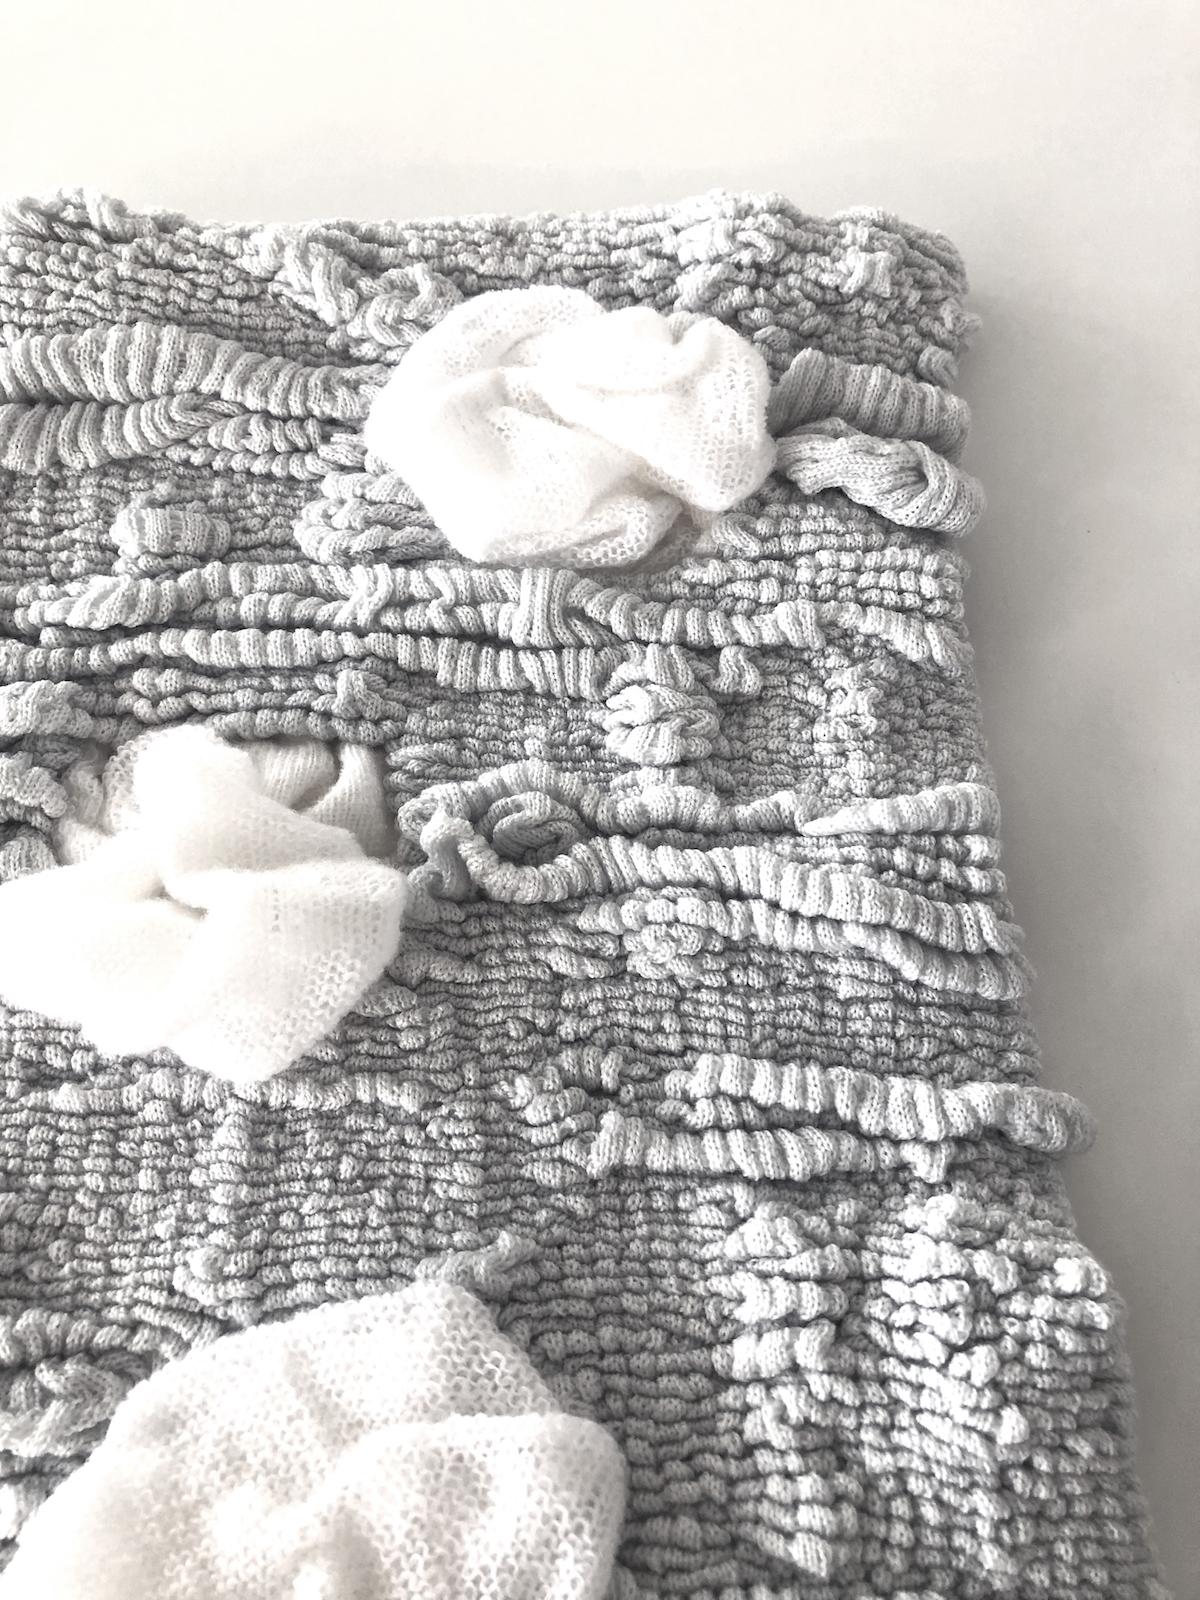 Image: Michelle Rinow, RCA MA Textiles